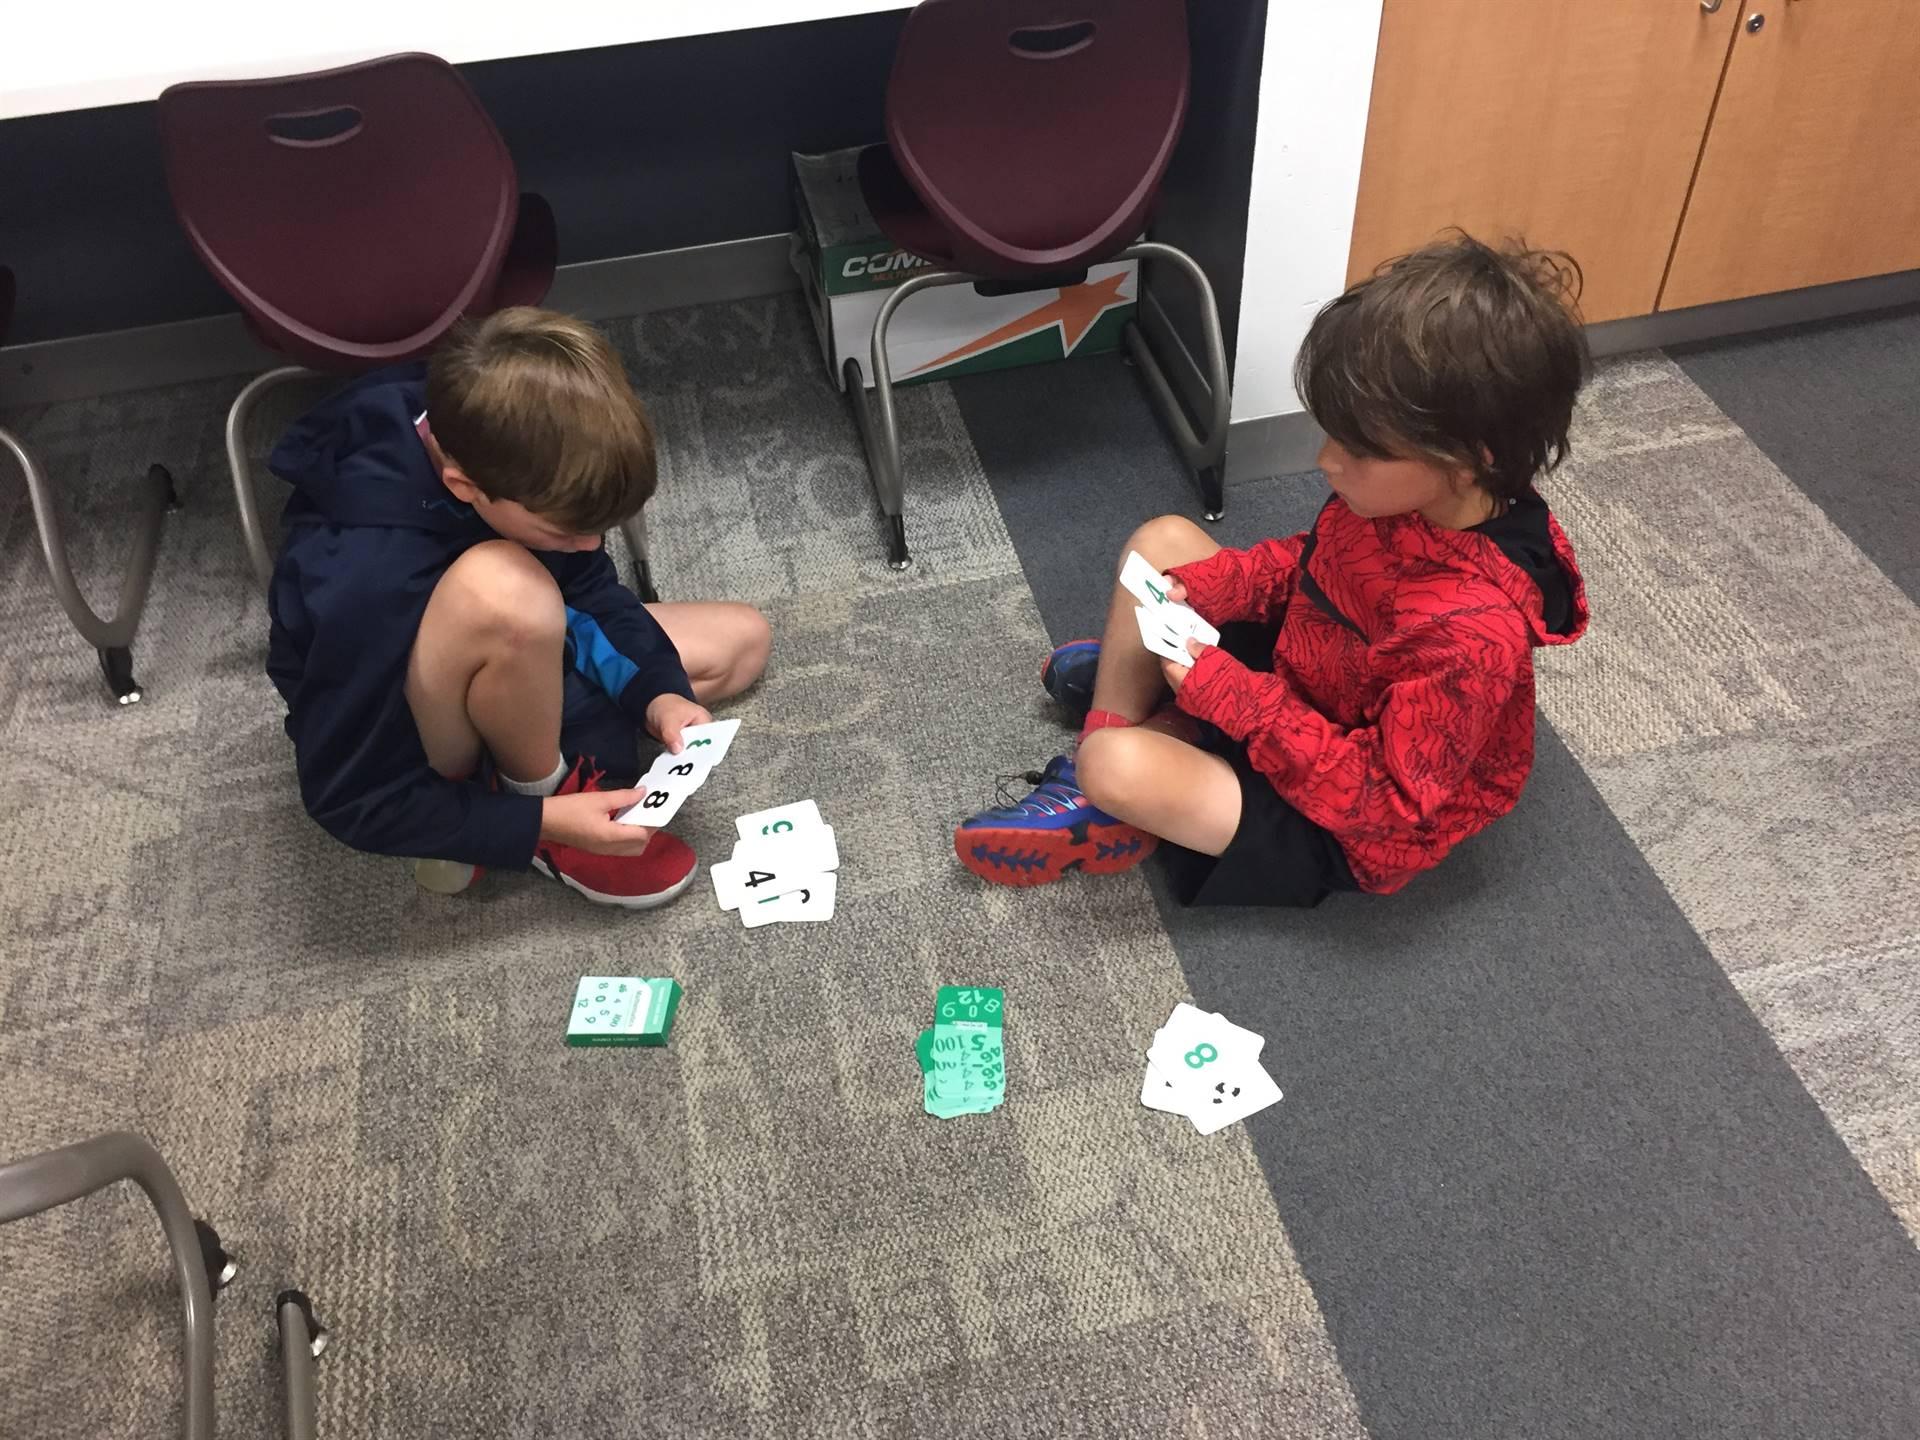 Kids playing math game fishing for ten